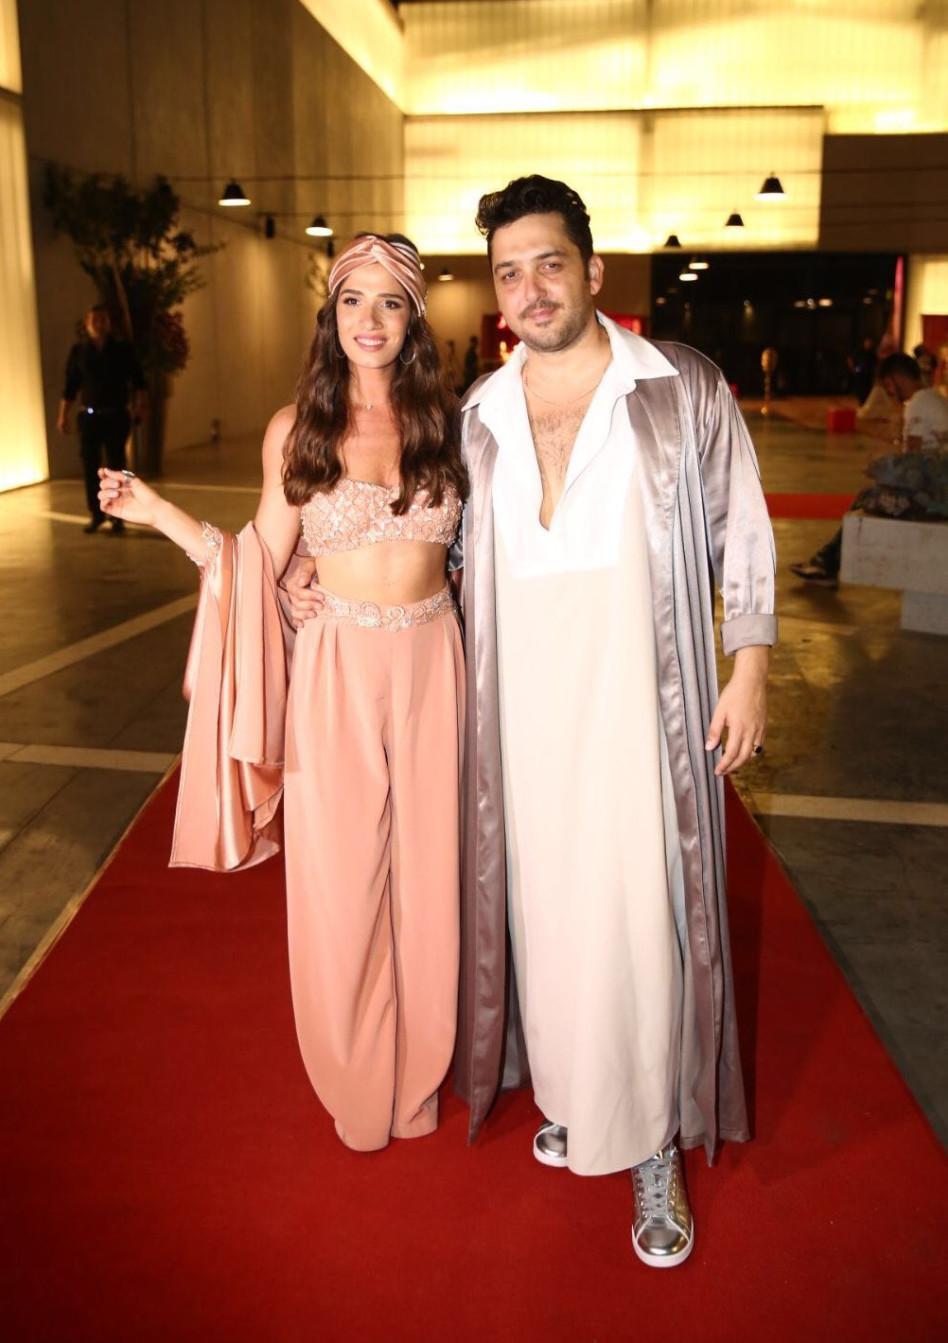 מהלבוש המזרחי ללבוש אסייתי. חן אמסלם ומאור זגורי (צילום: אלירן אביטל)